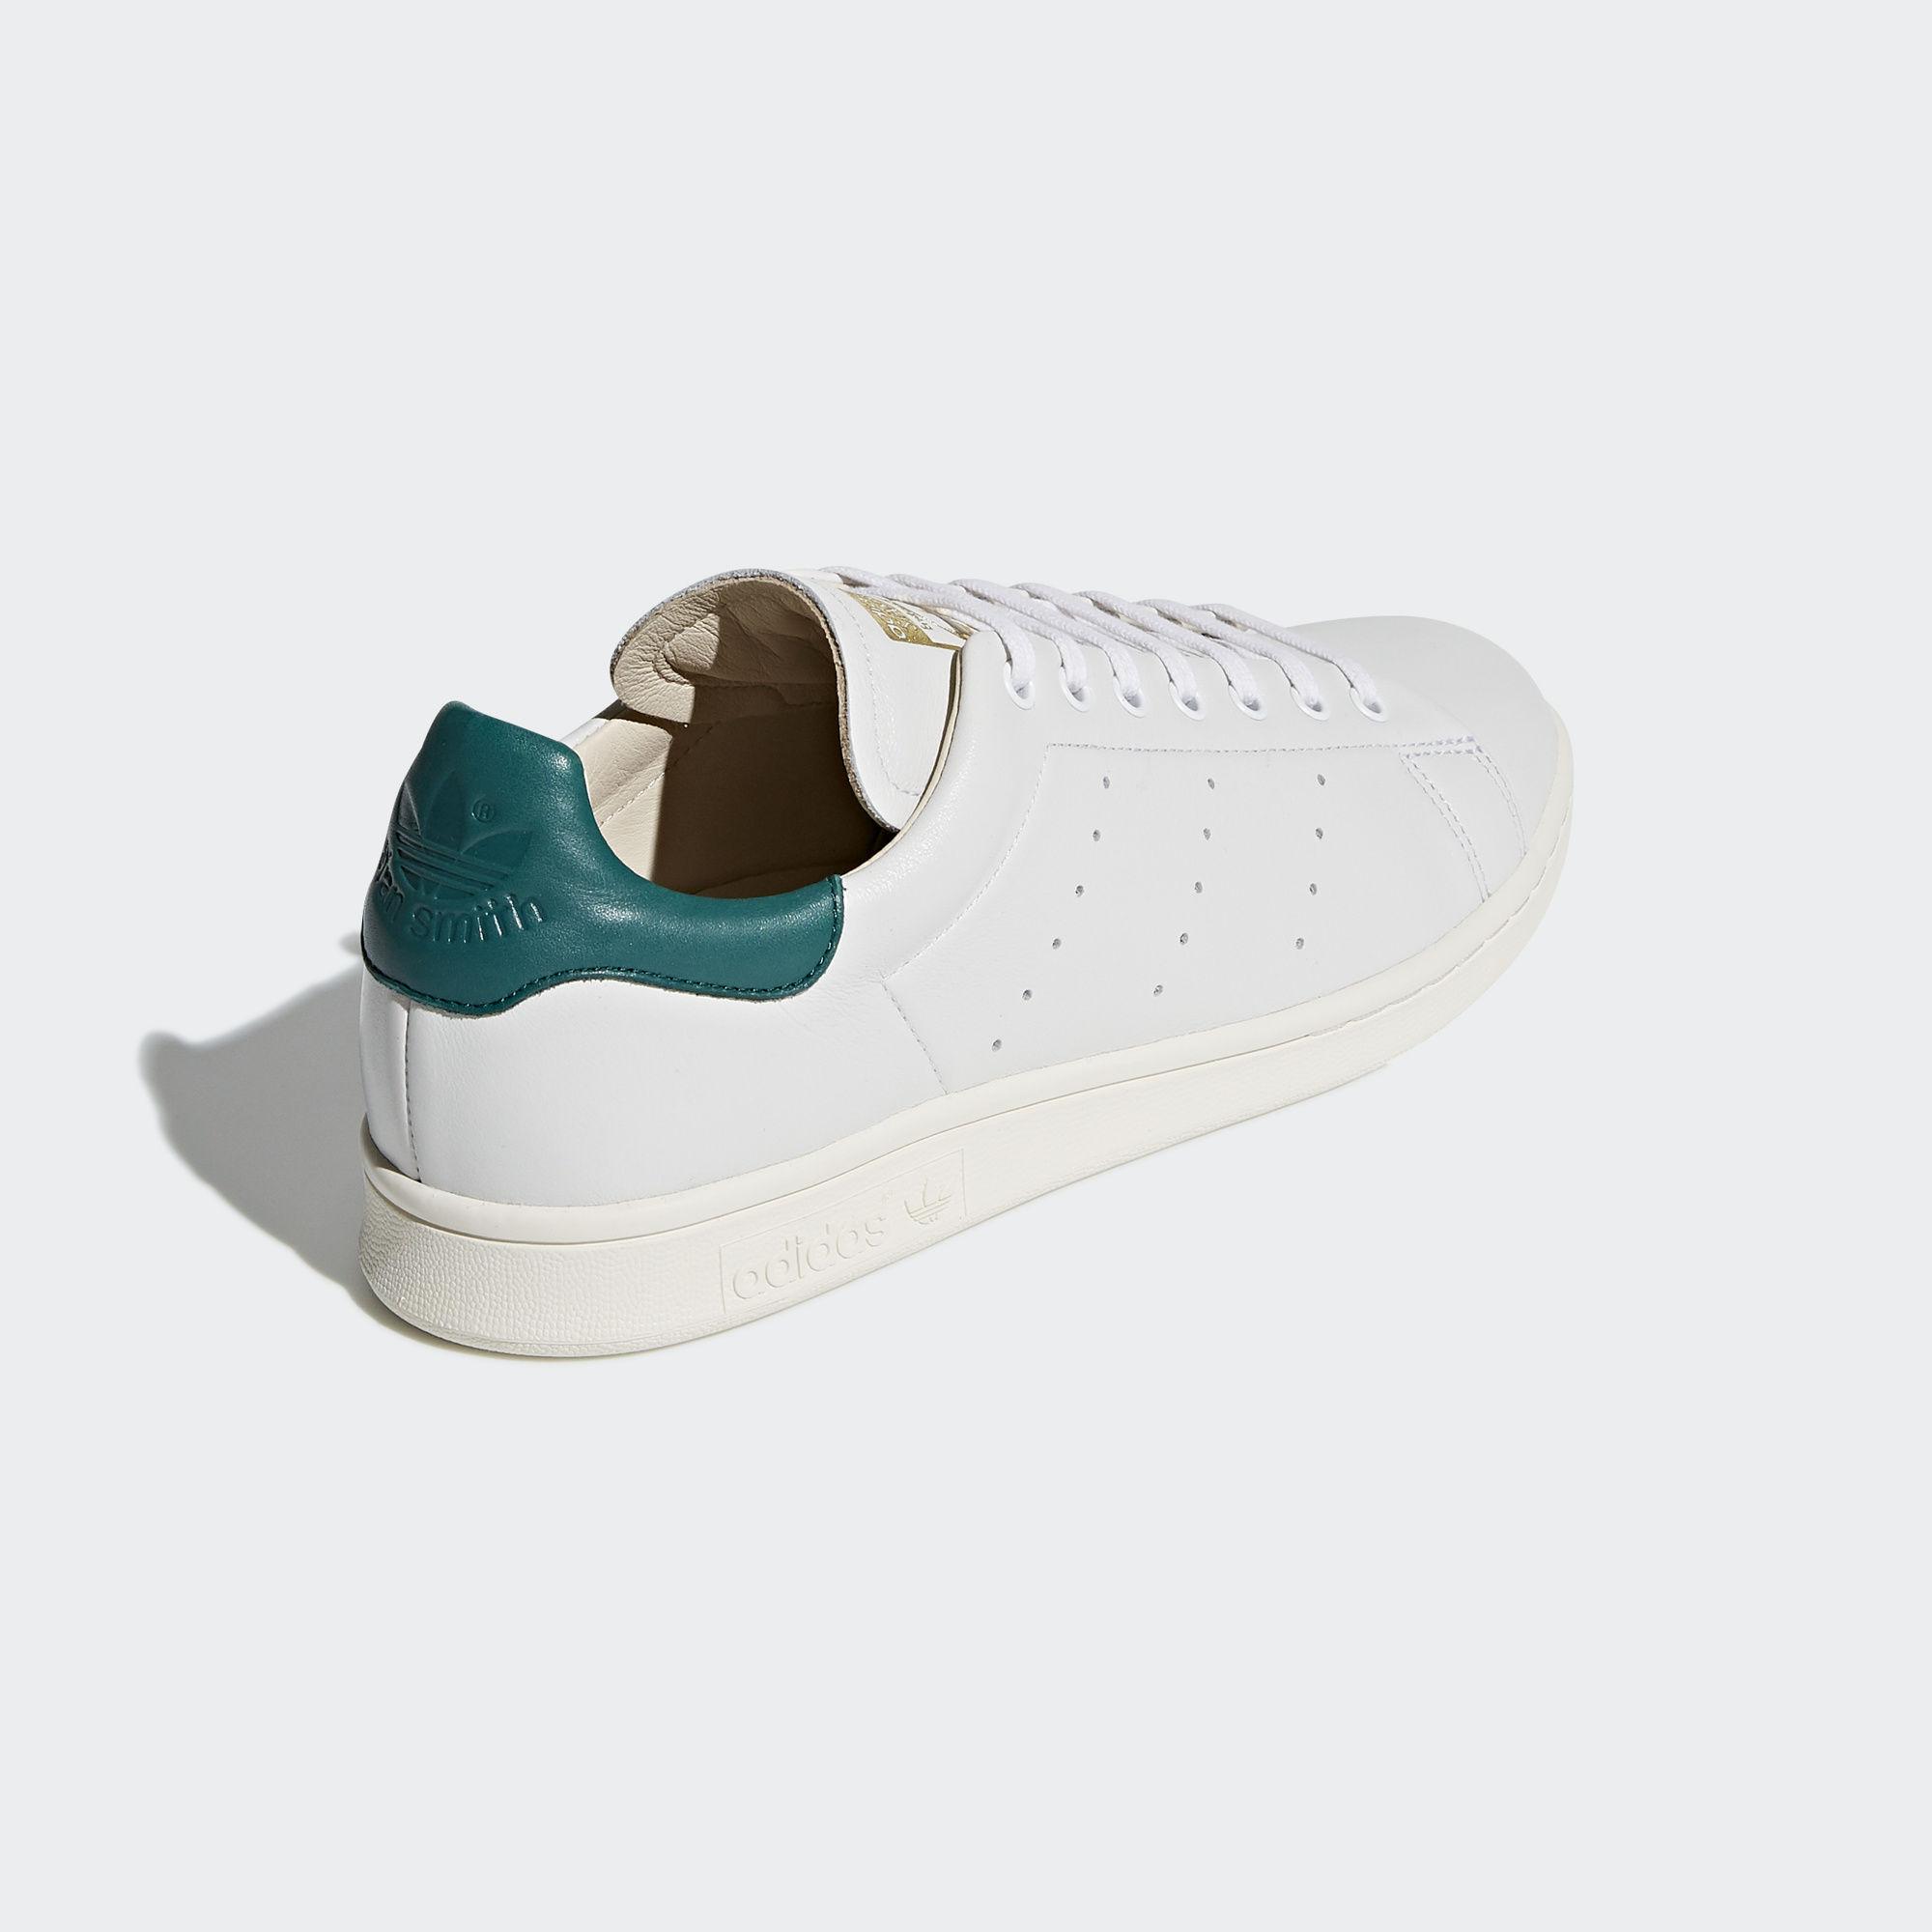 Adidas Stan Smith Ftwr White Ftwr White Noble Green (AQ0868)